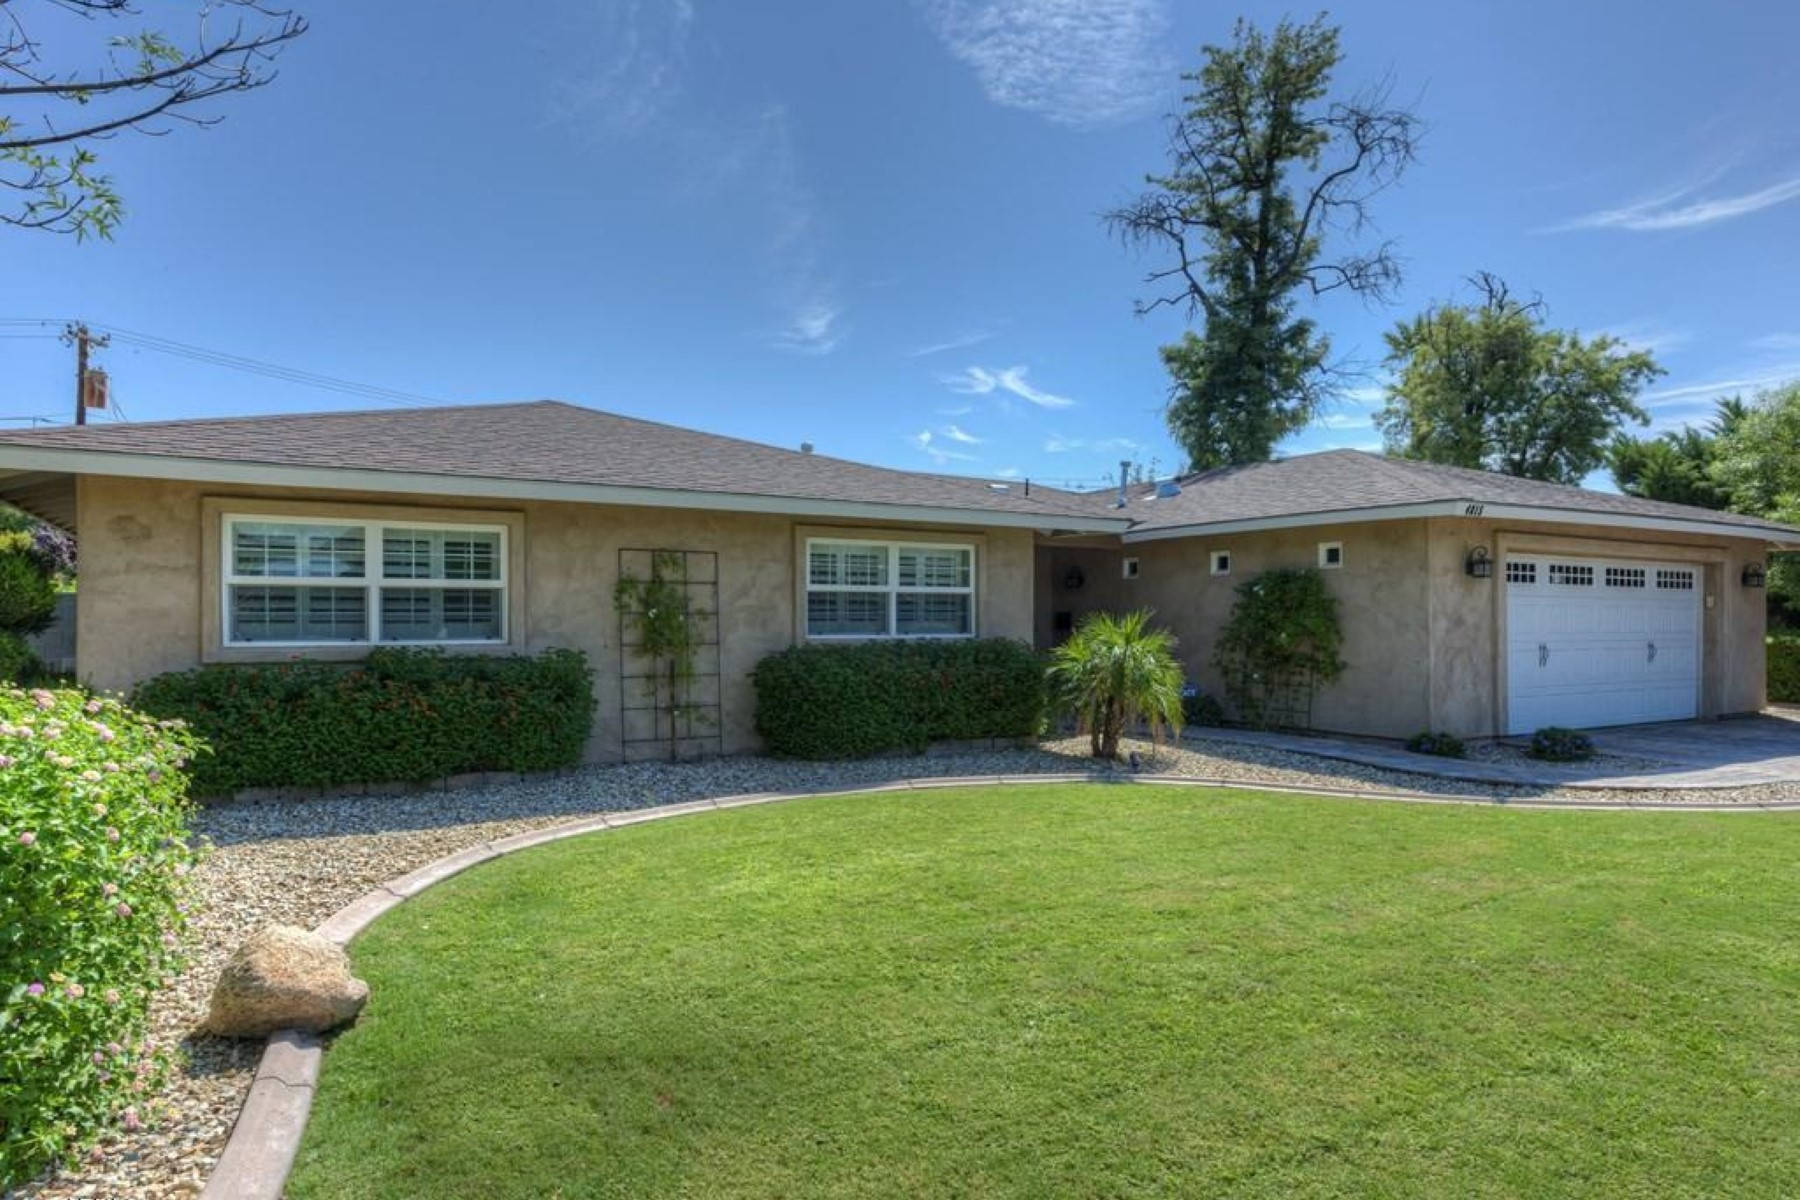 Tek Ailelik Ev için Satış at Beautifully remodeled home in the heart of the Camelback corridor 4815 N 31st St Phoenix, Arizona 85016 Amerika Birleşik Devletleri